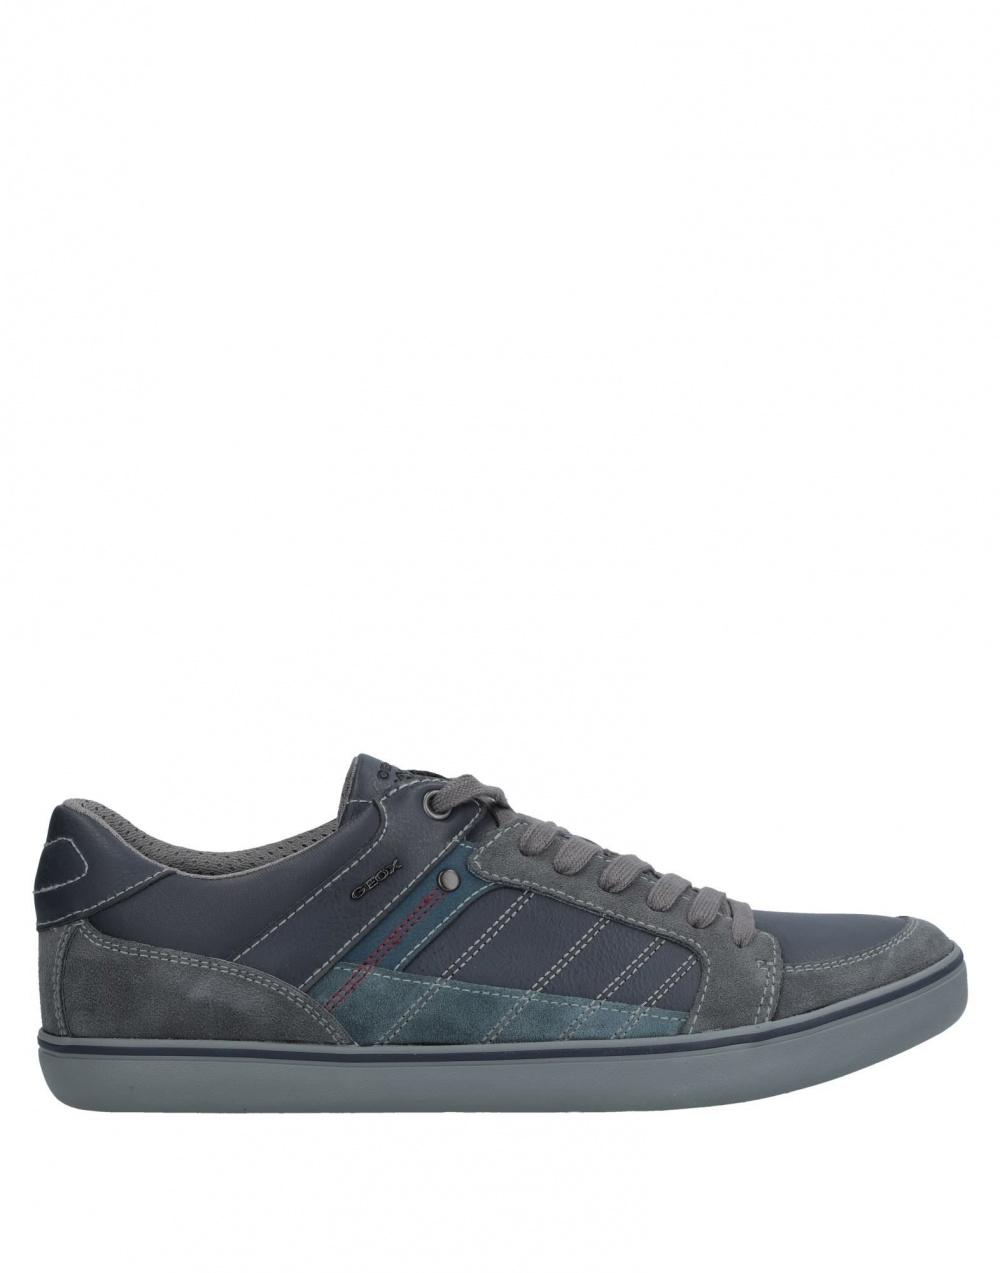 Мужские кроссовки GEOX 41 размер